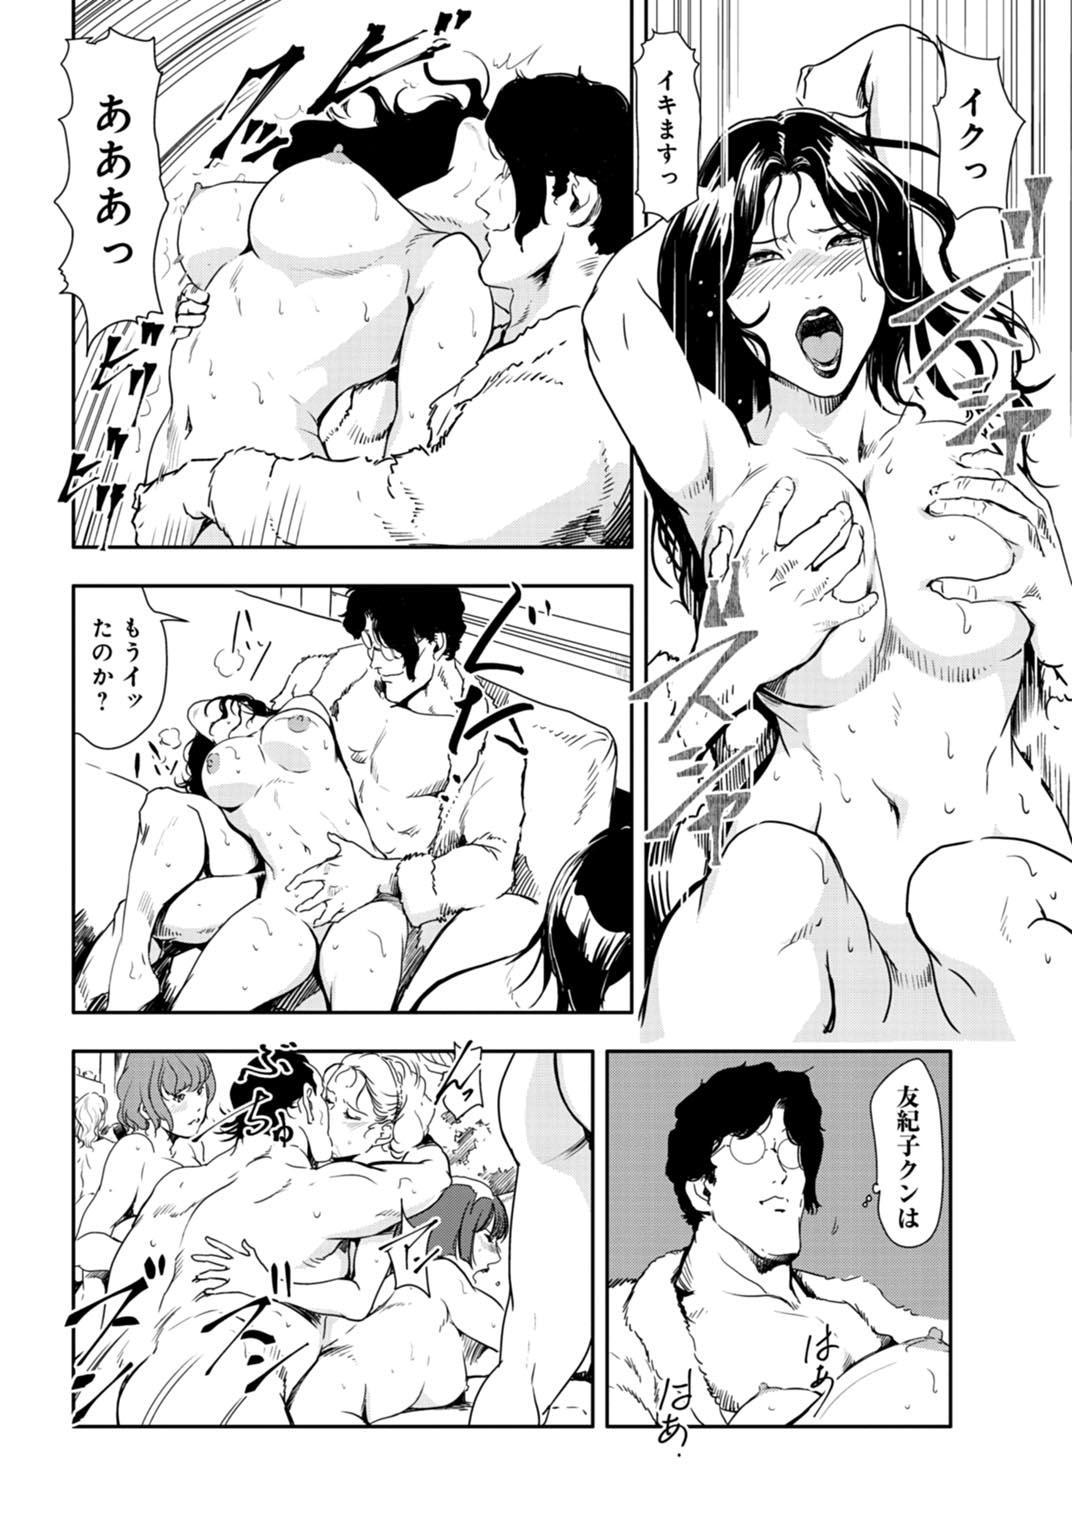 Nikuhisyo Yukiko 26 4